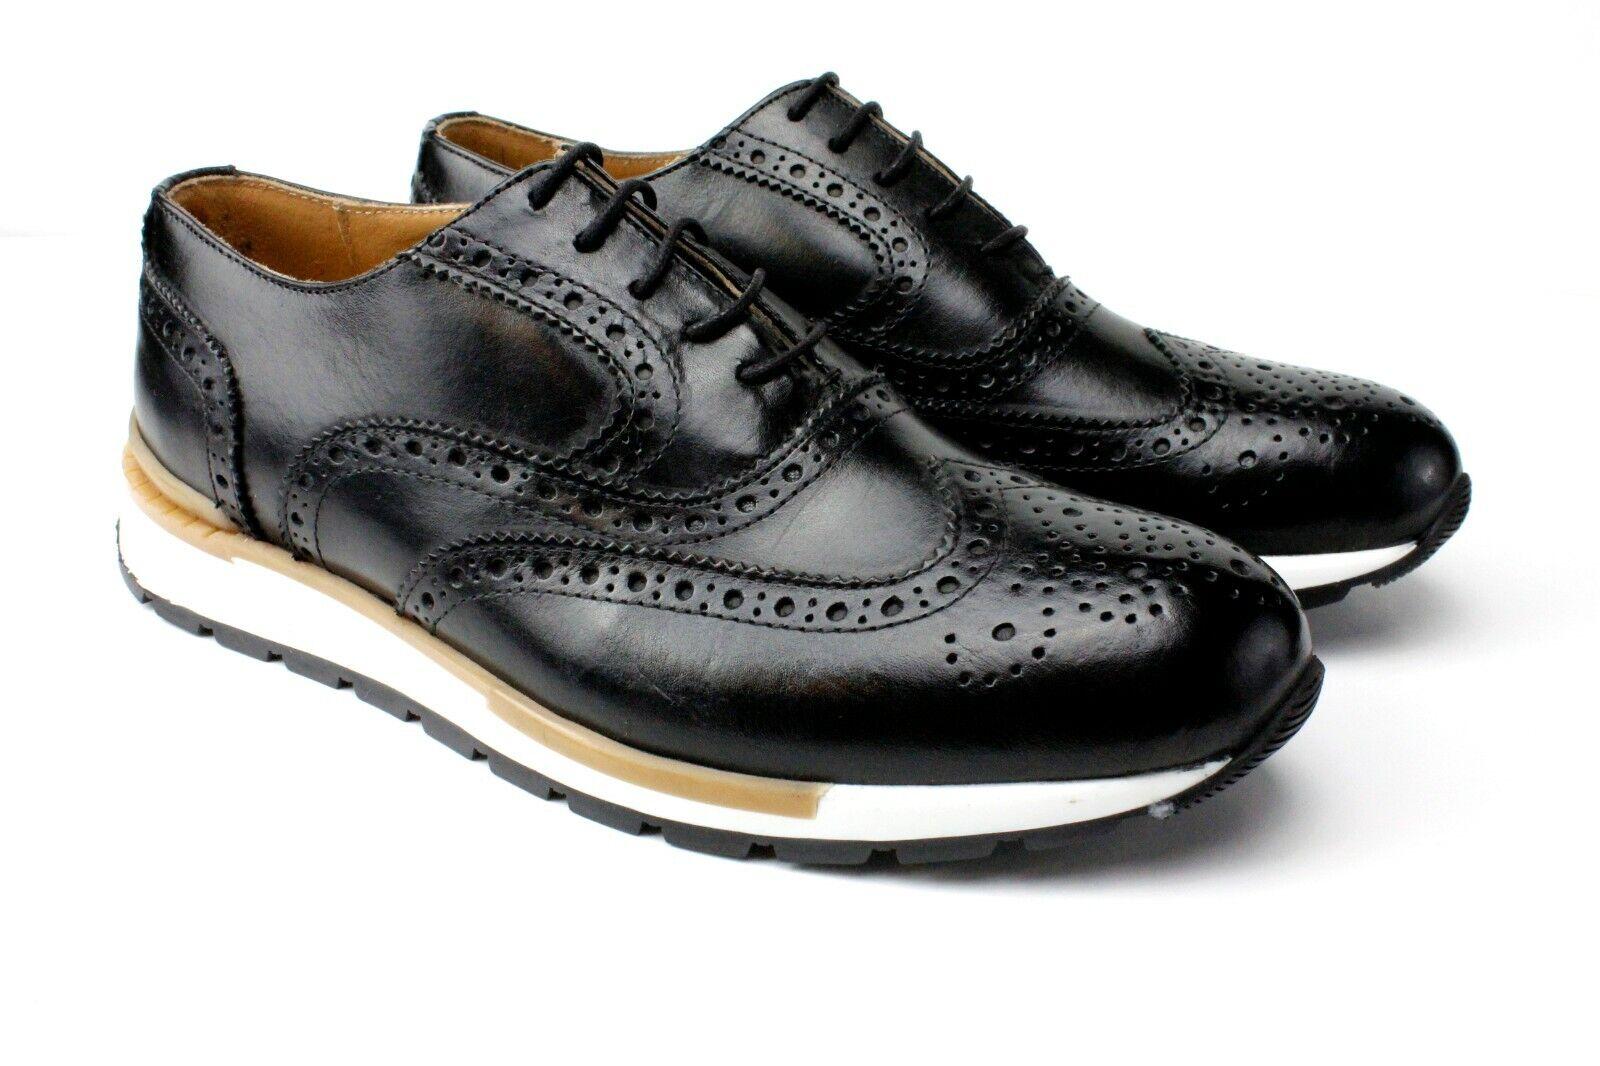 Ivan Troy Jamal en Negro con Cordones Cuero Italiano Zapatos Vestido Oxford